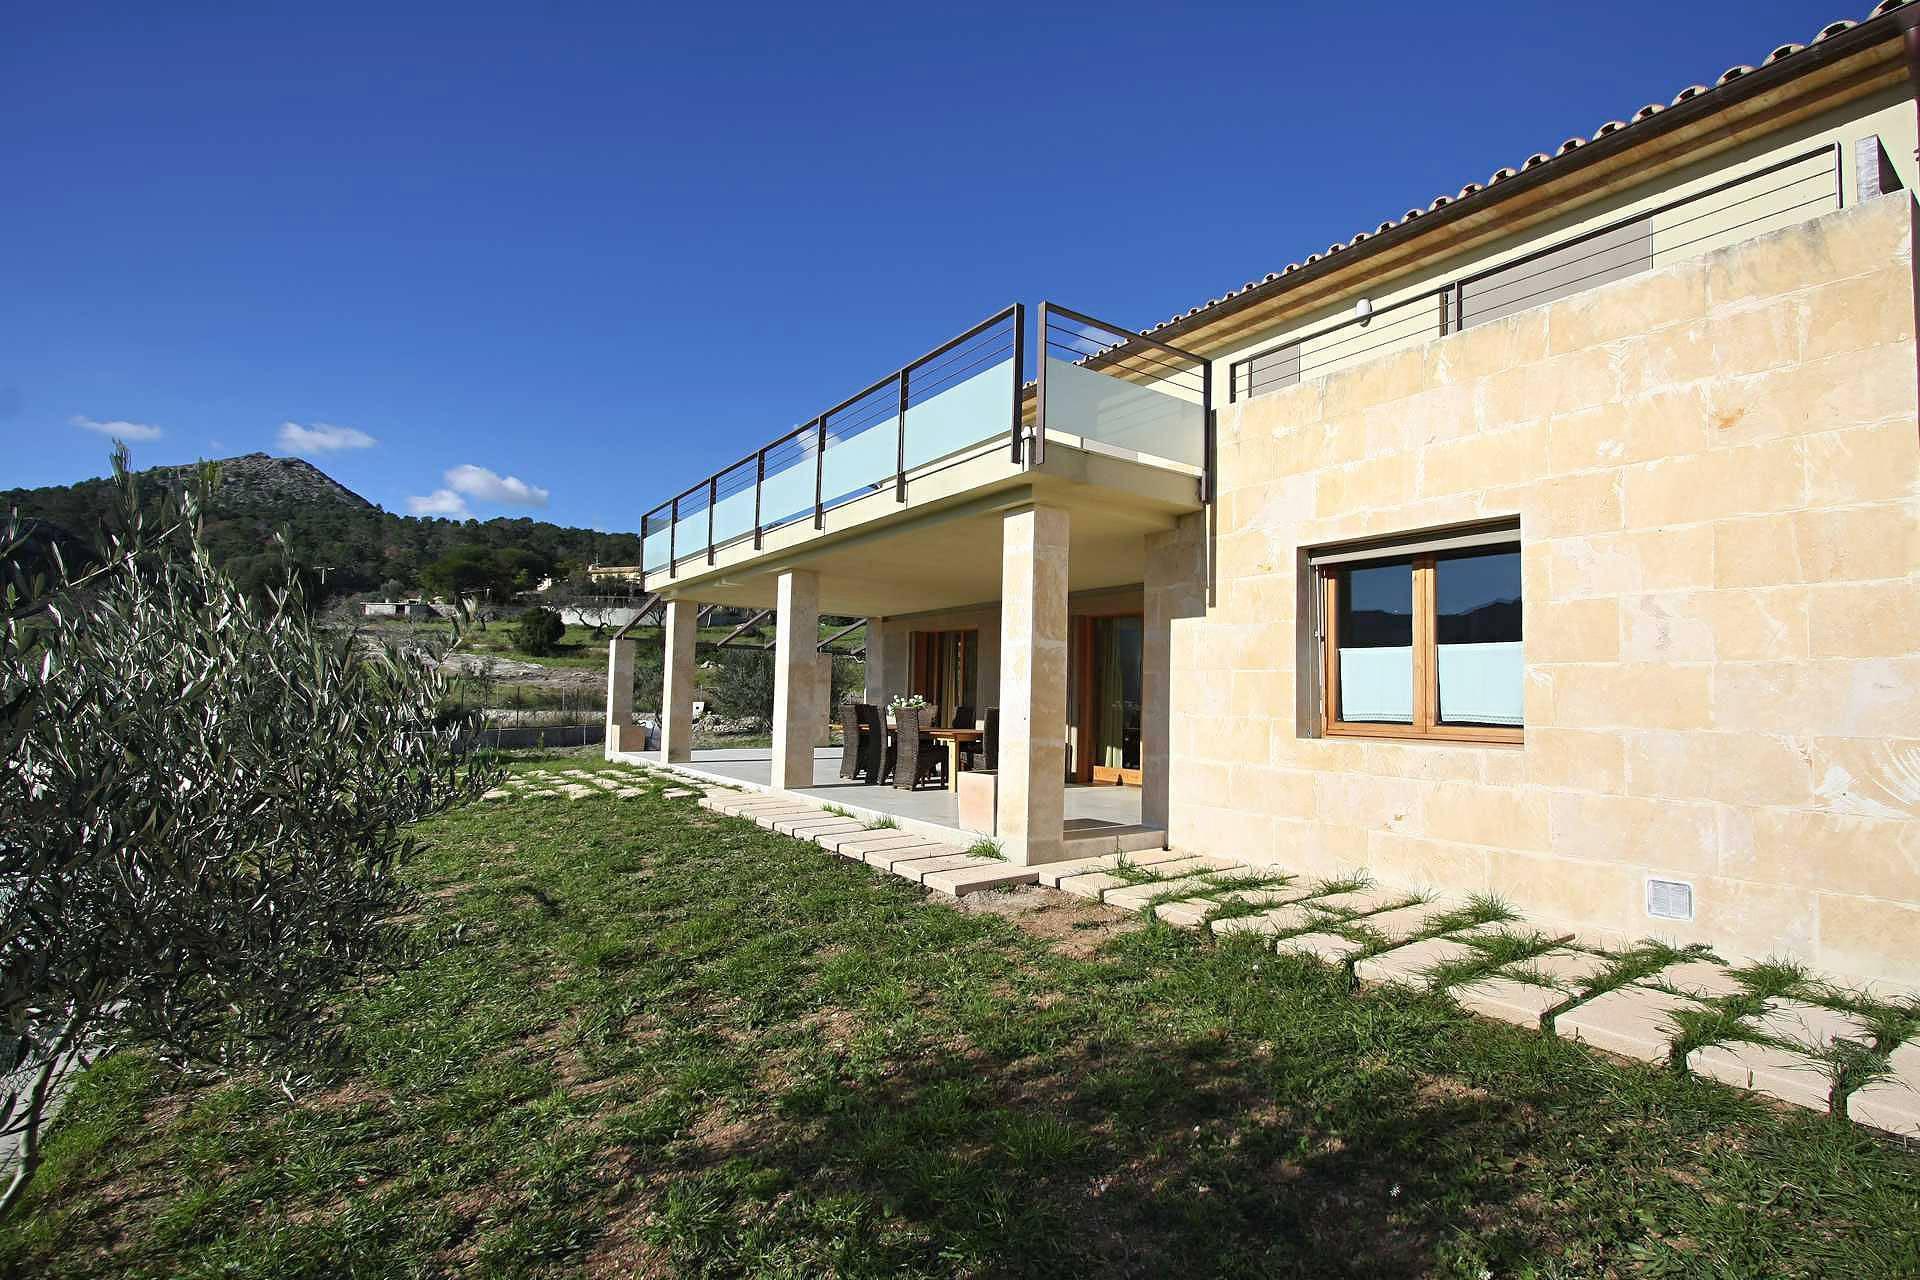 01-36 classic Villa Mallorca north Bild 9